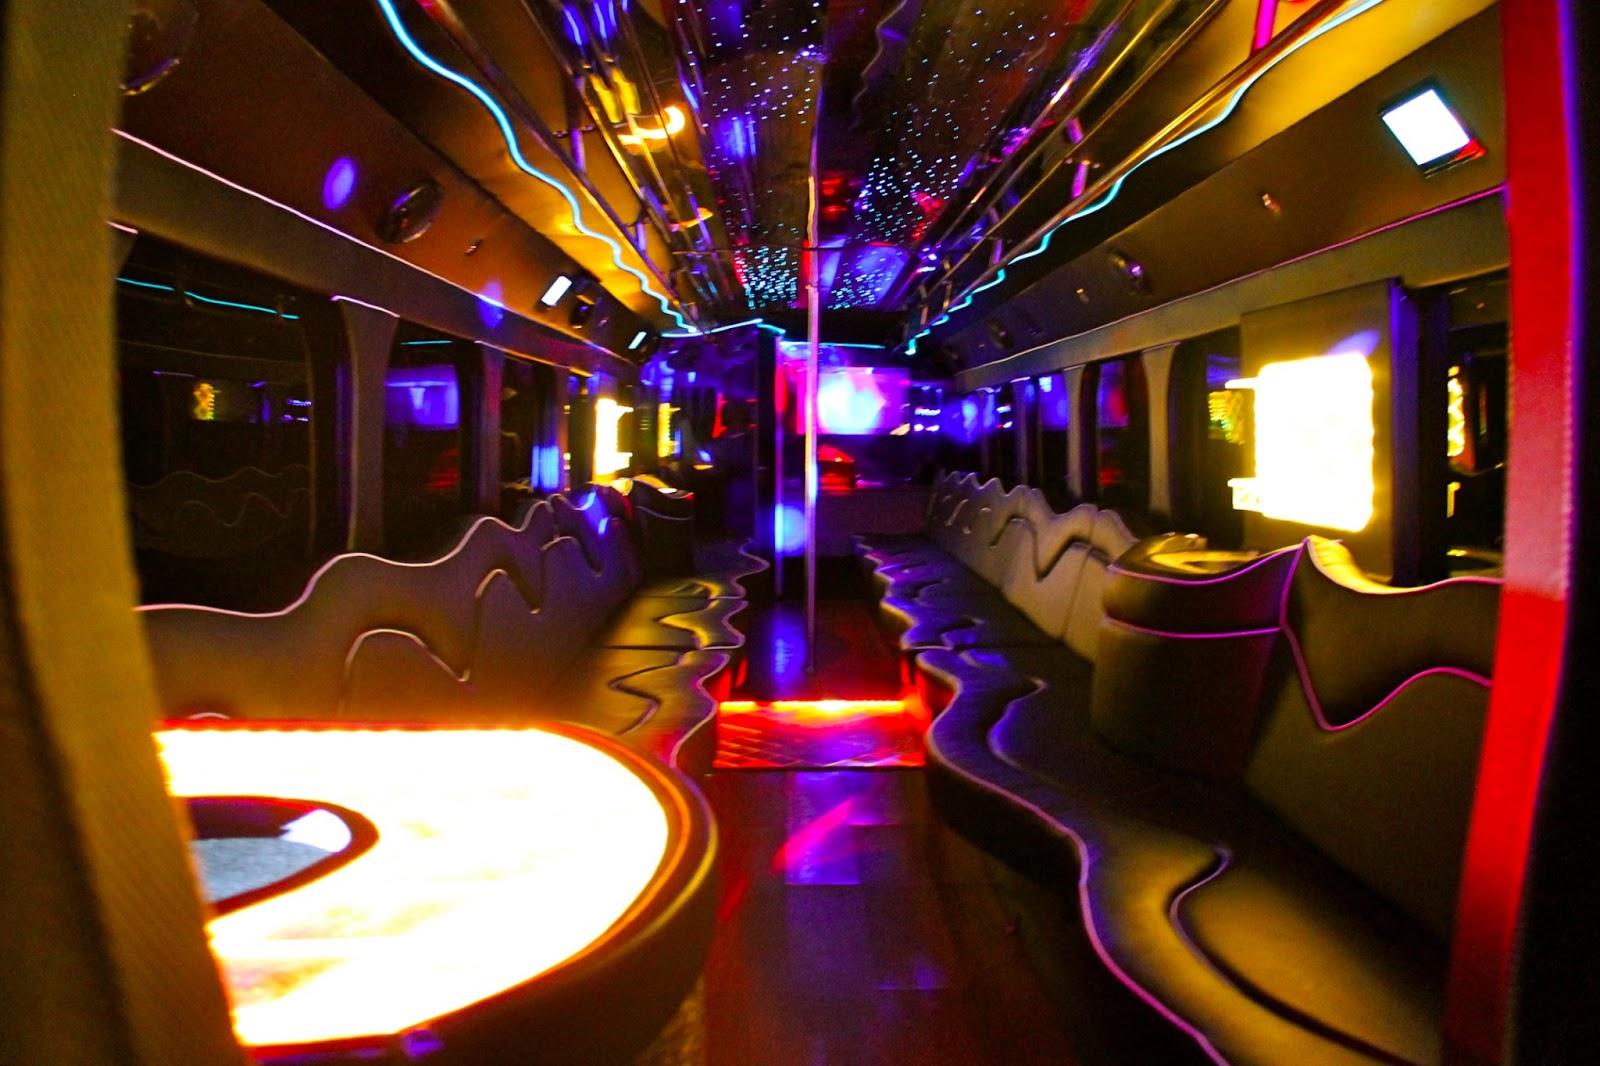 50 Passenger Party Bus Mci Limo Bus Krystal Limousine